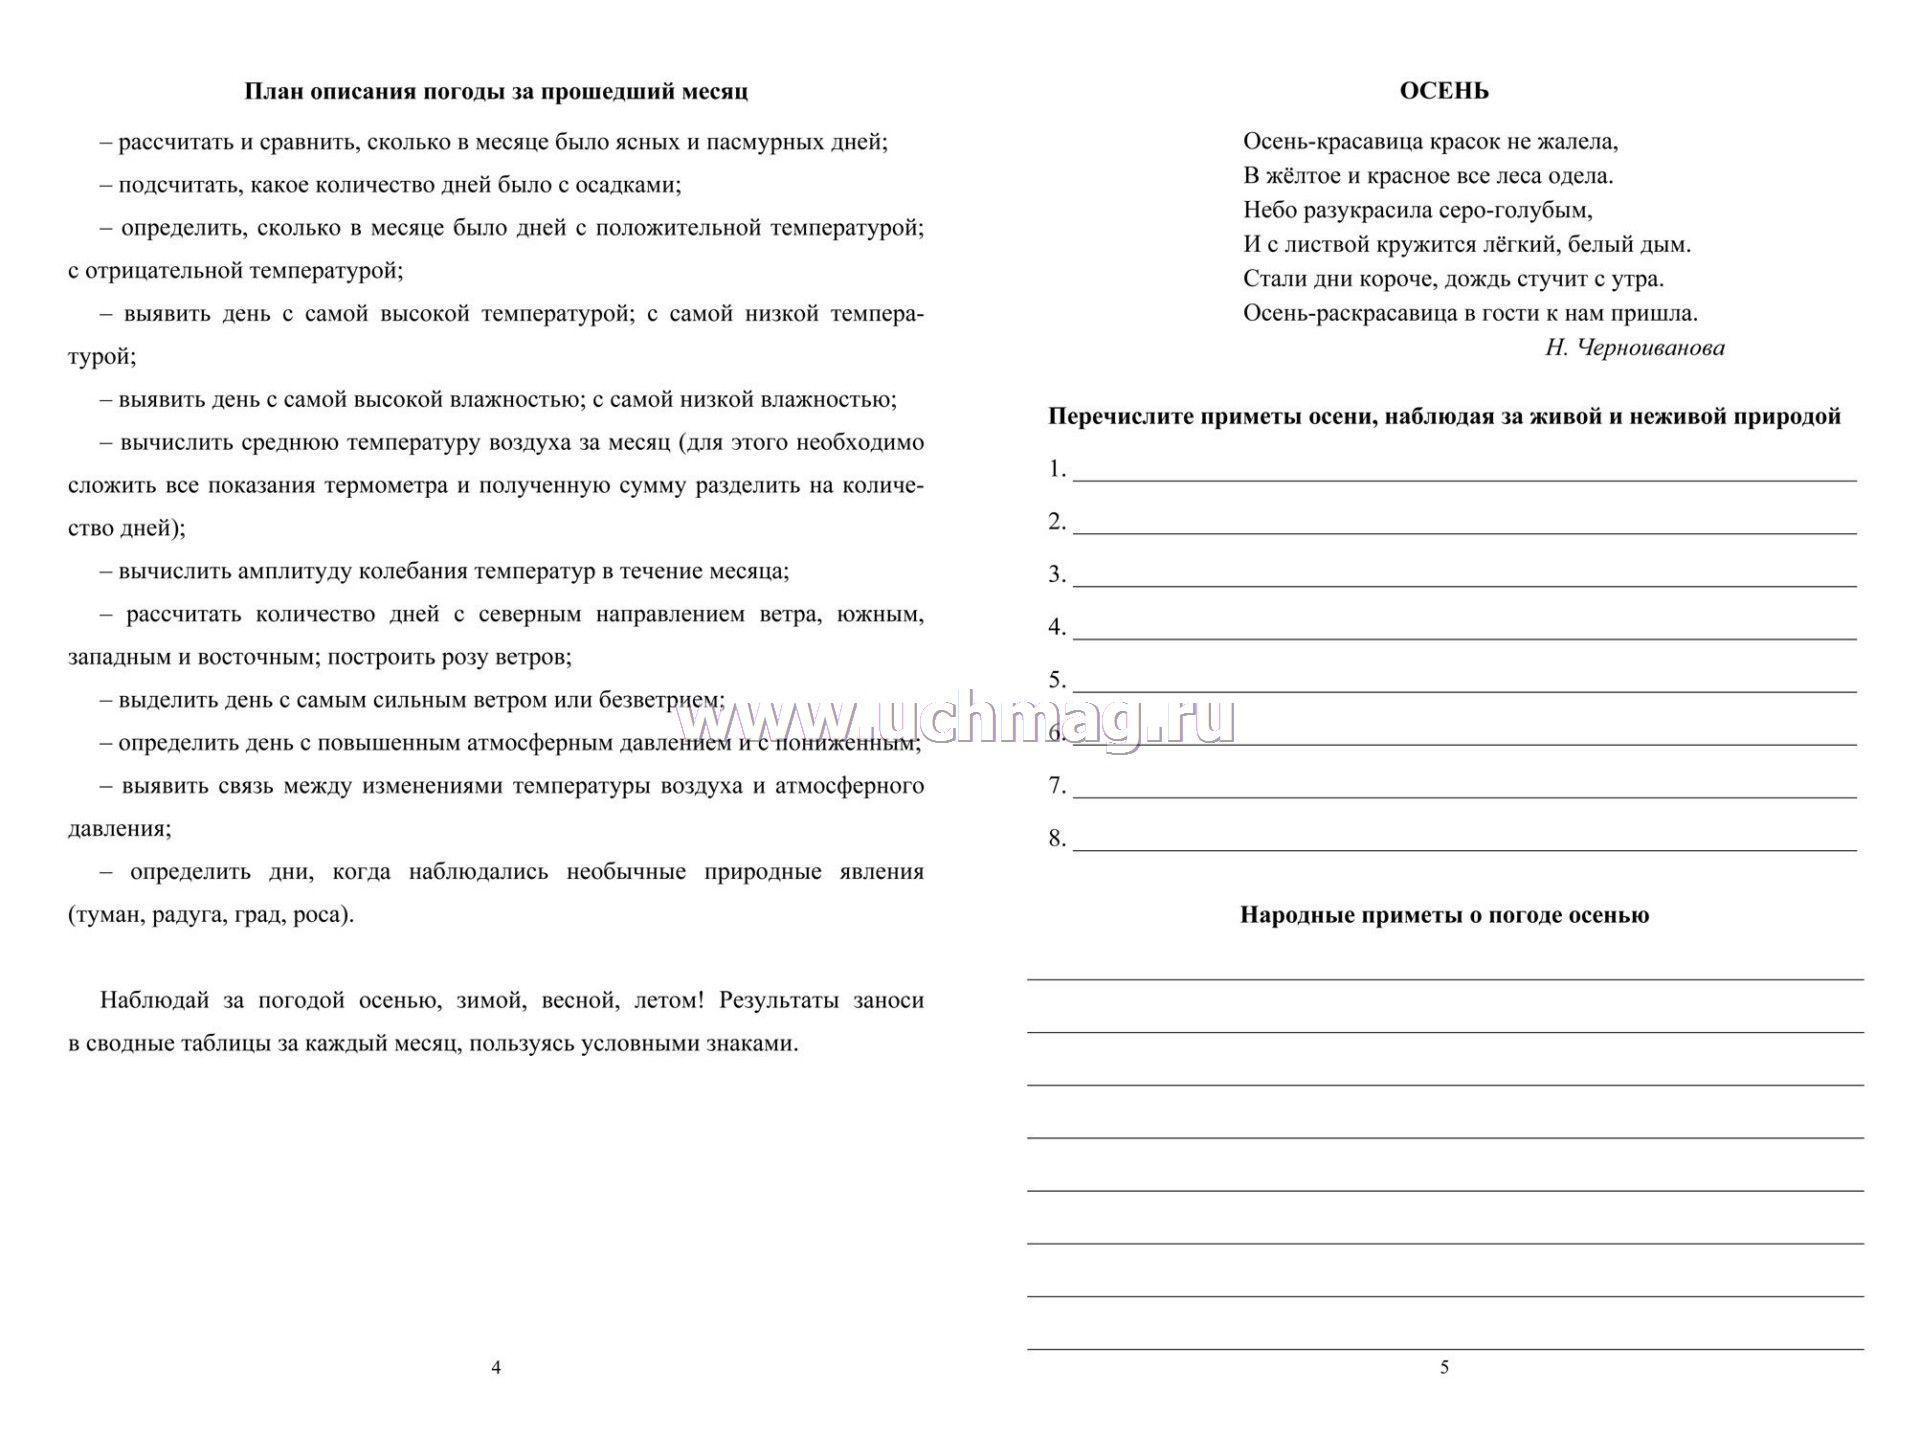 Календарь погоды по географии 7 класс